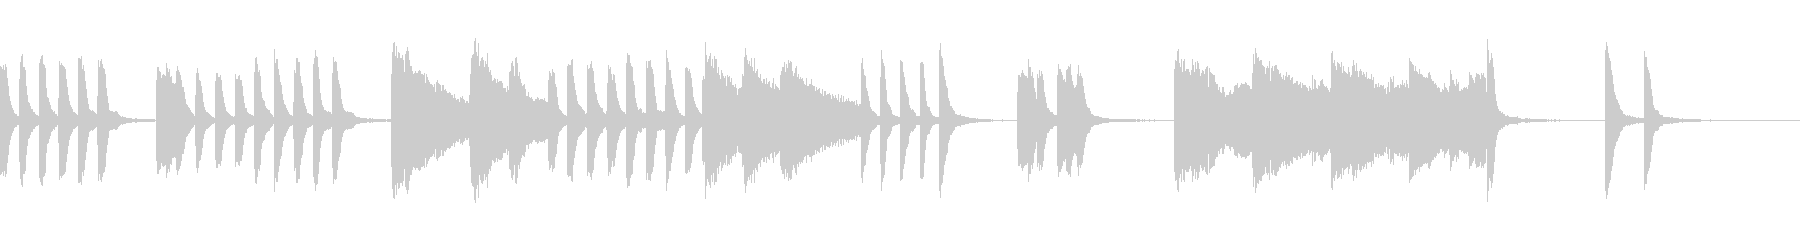 ピアノ;子どものコミカルな動きのイメージの未再生の波形